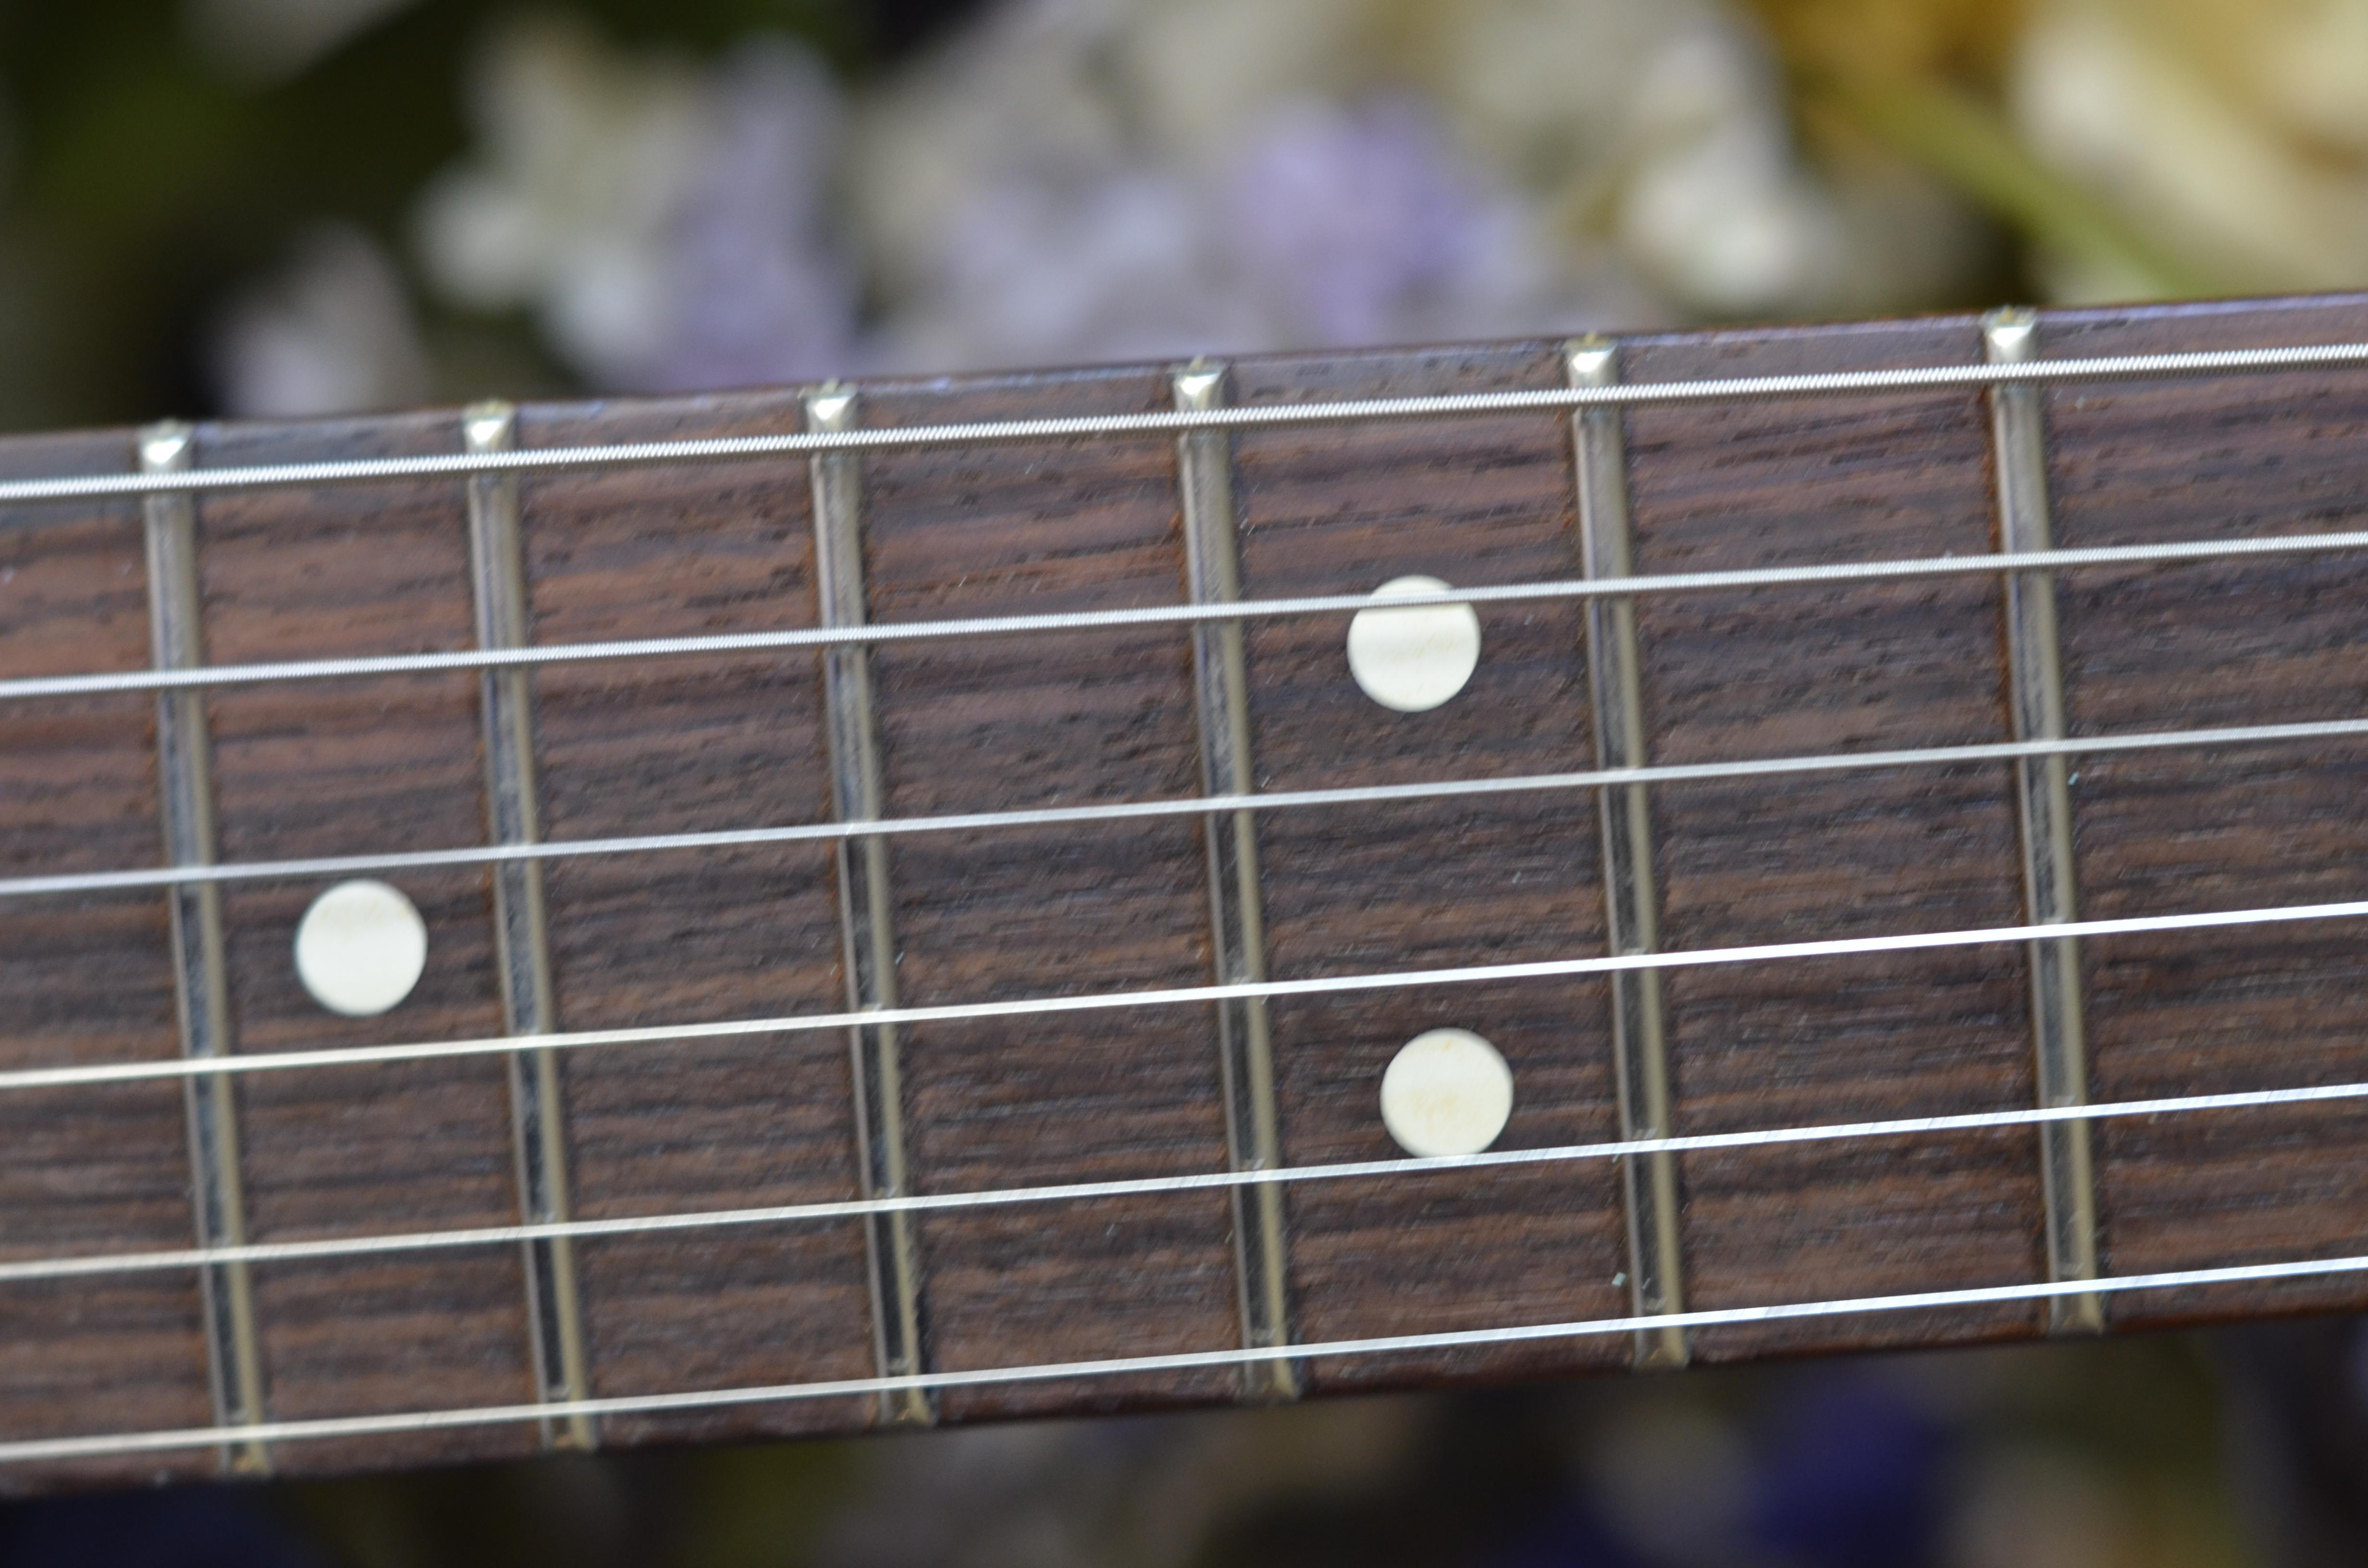 Rosewood fret board